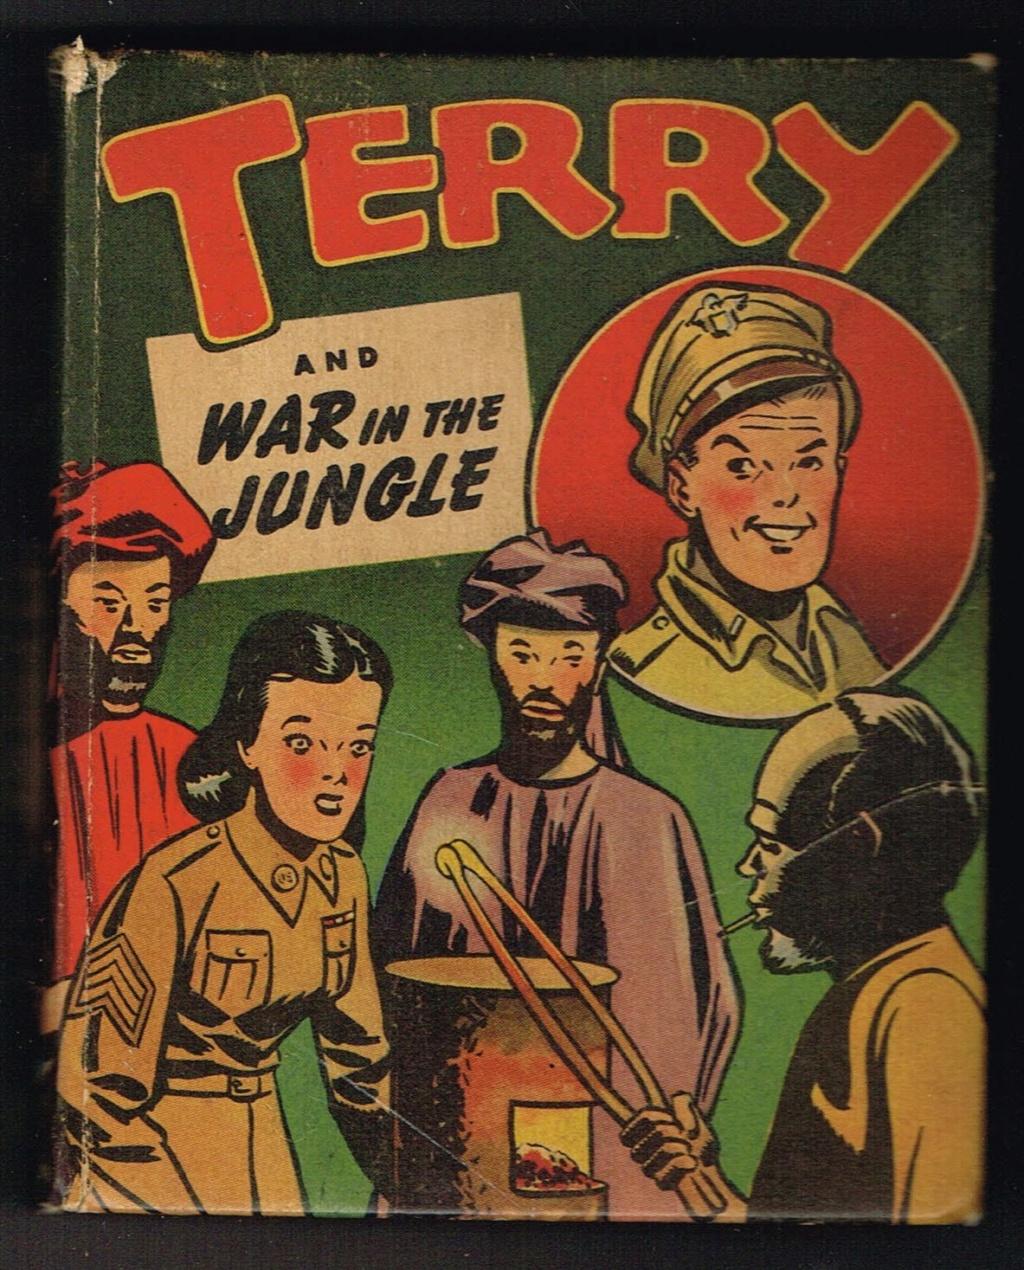 Terry et les pirates de Milton CANIFF - Page 7 46369c10